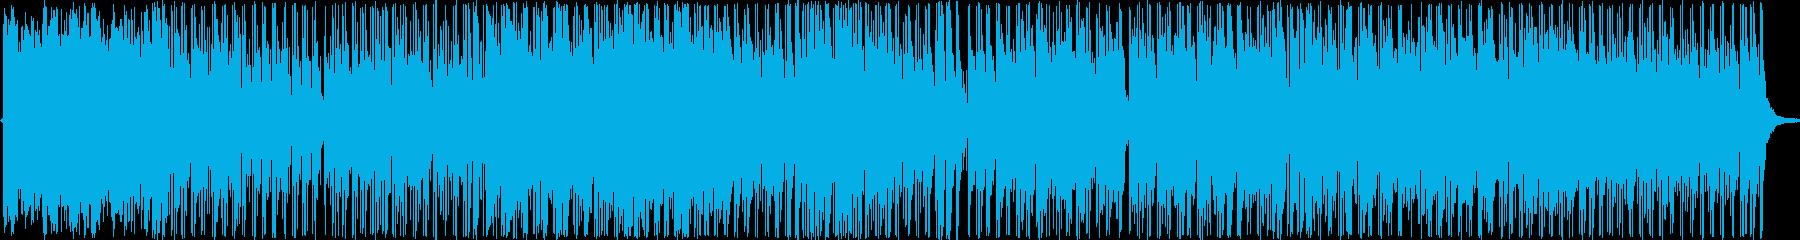 ラテン。スペイン語。ジプシーキング...の再生済みの波形